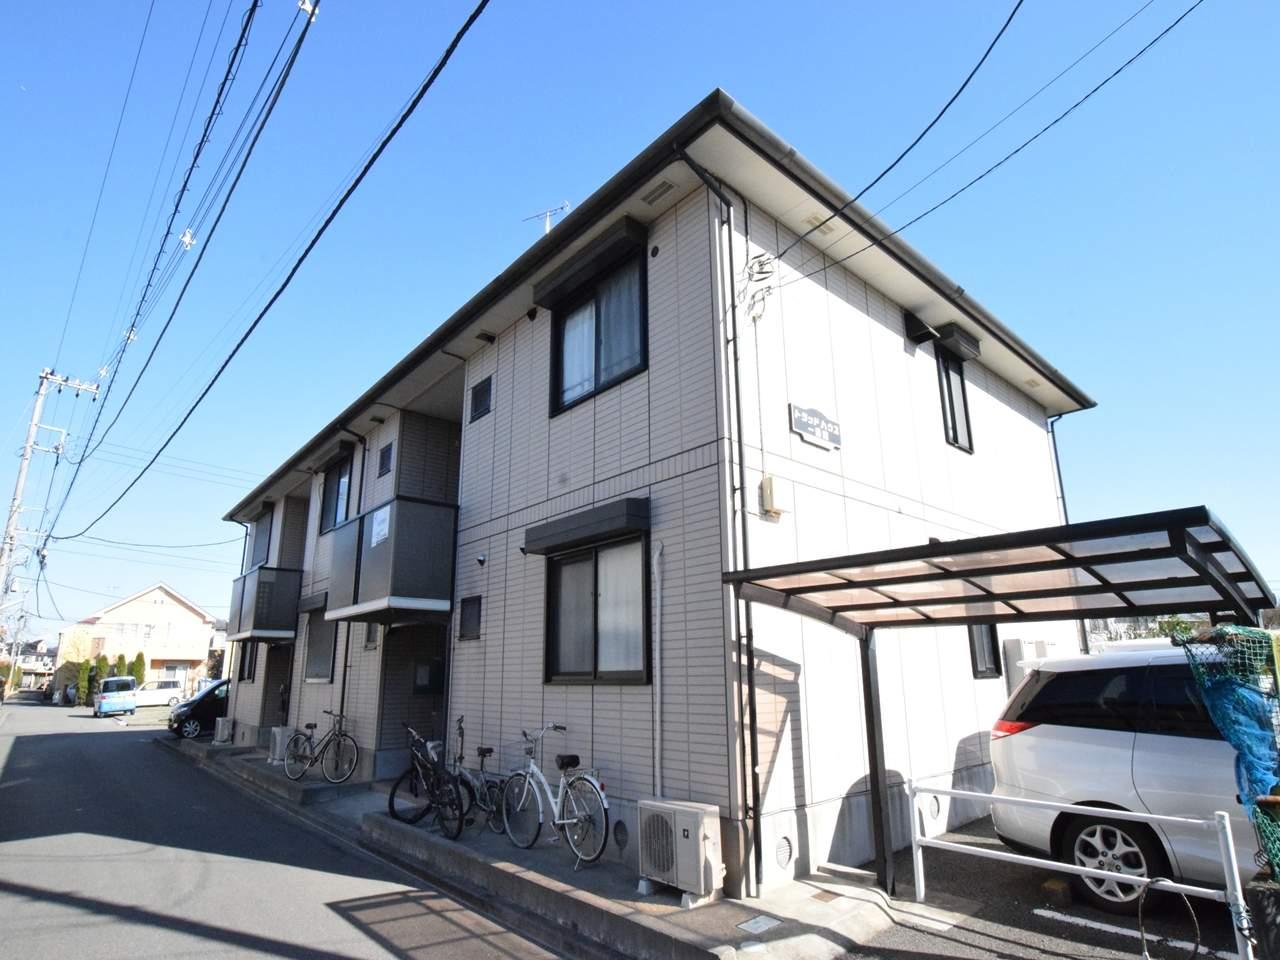 神奈川県相模原市南区、古淵駅徒歩20分の築17年 2階建の賃貸アパート